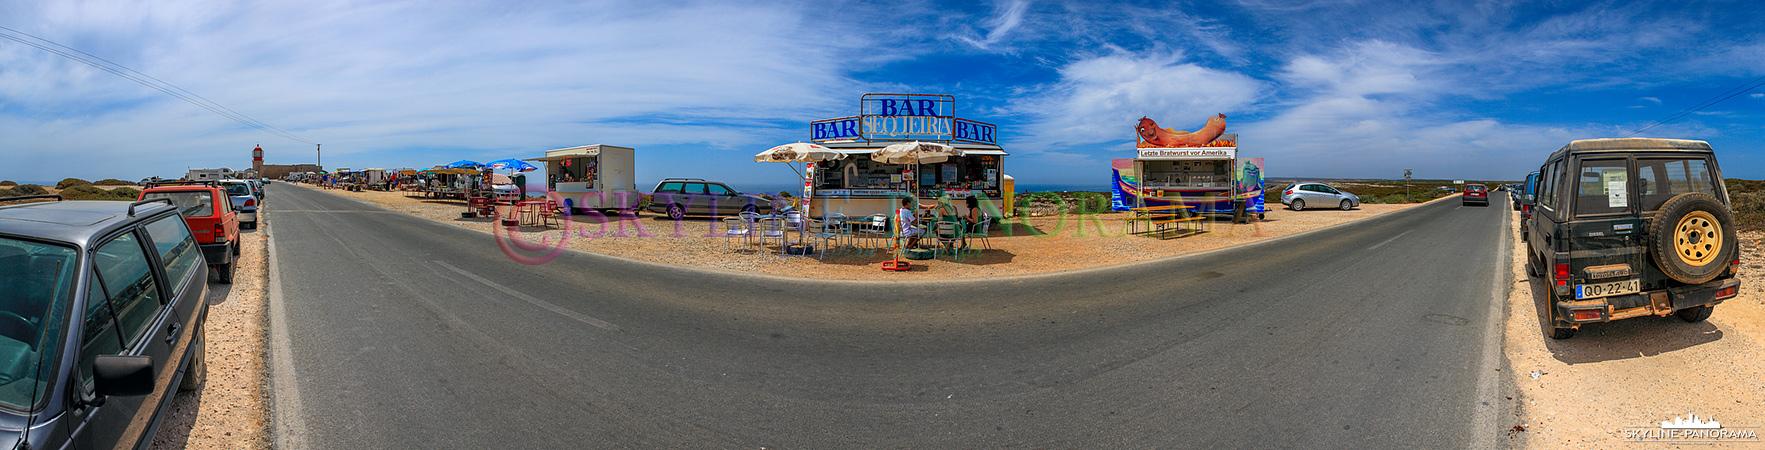 Portugal Bilder Algarve - Die Zufahrtsstraße zum Cabo de São Vicente, hier gibt es die letzte Bratwurst vor Amerika.